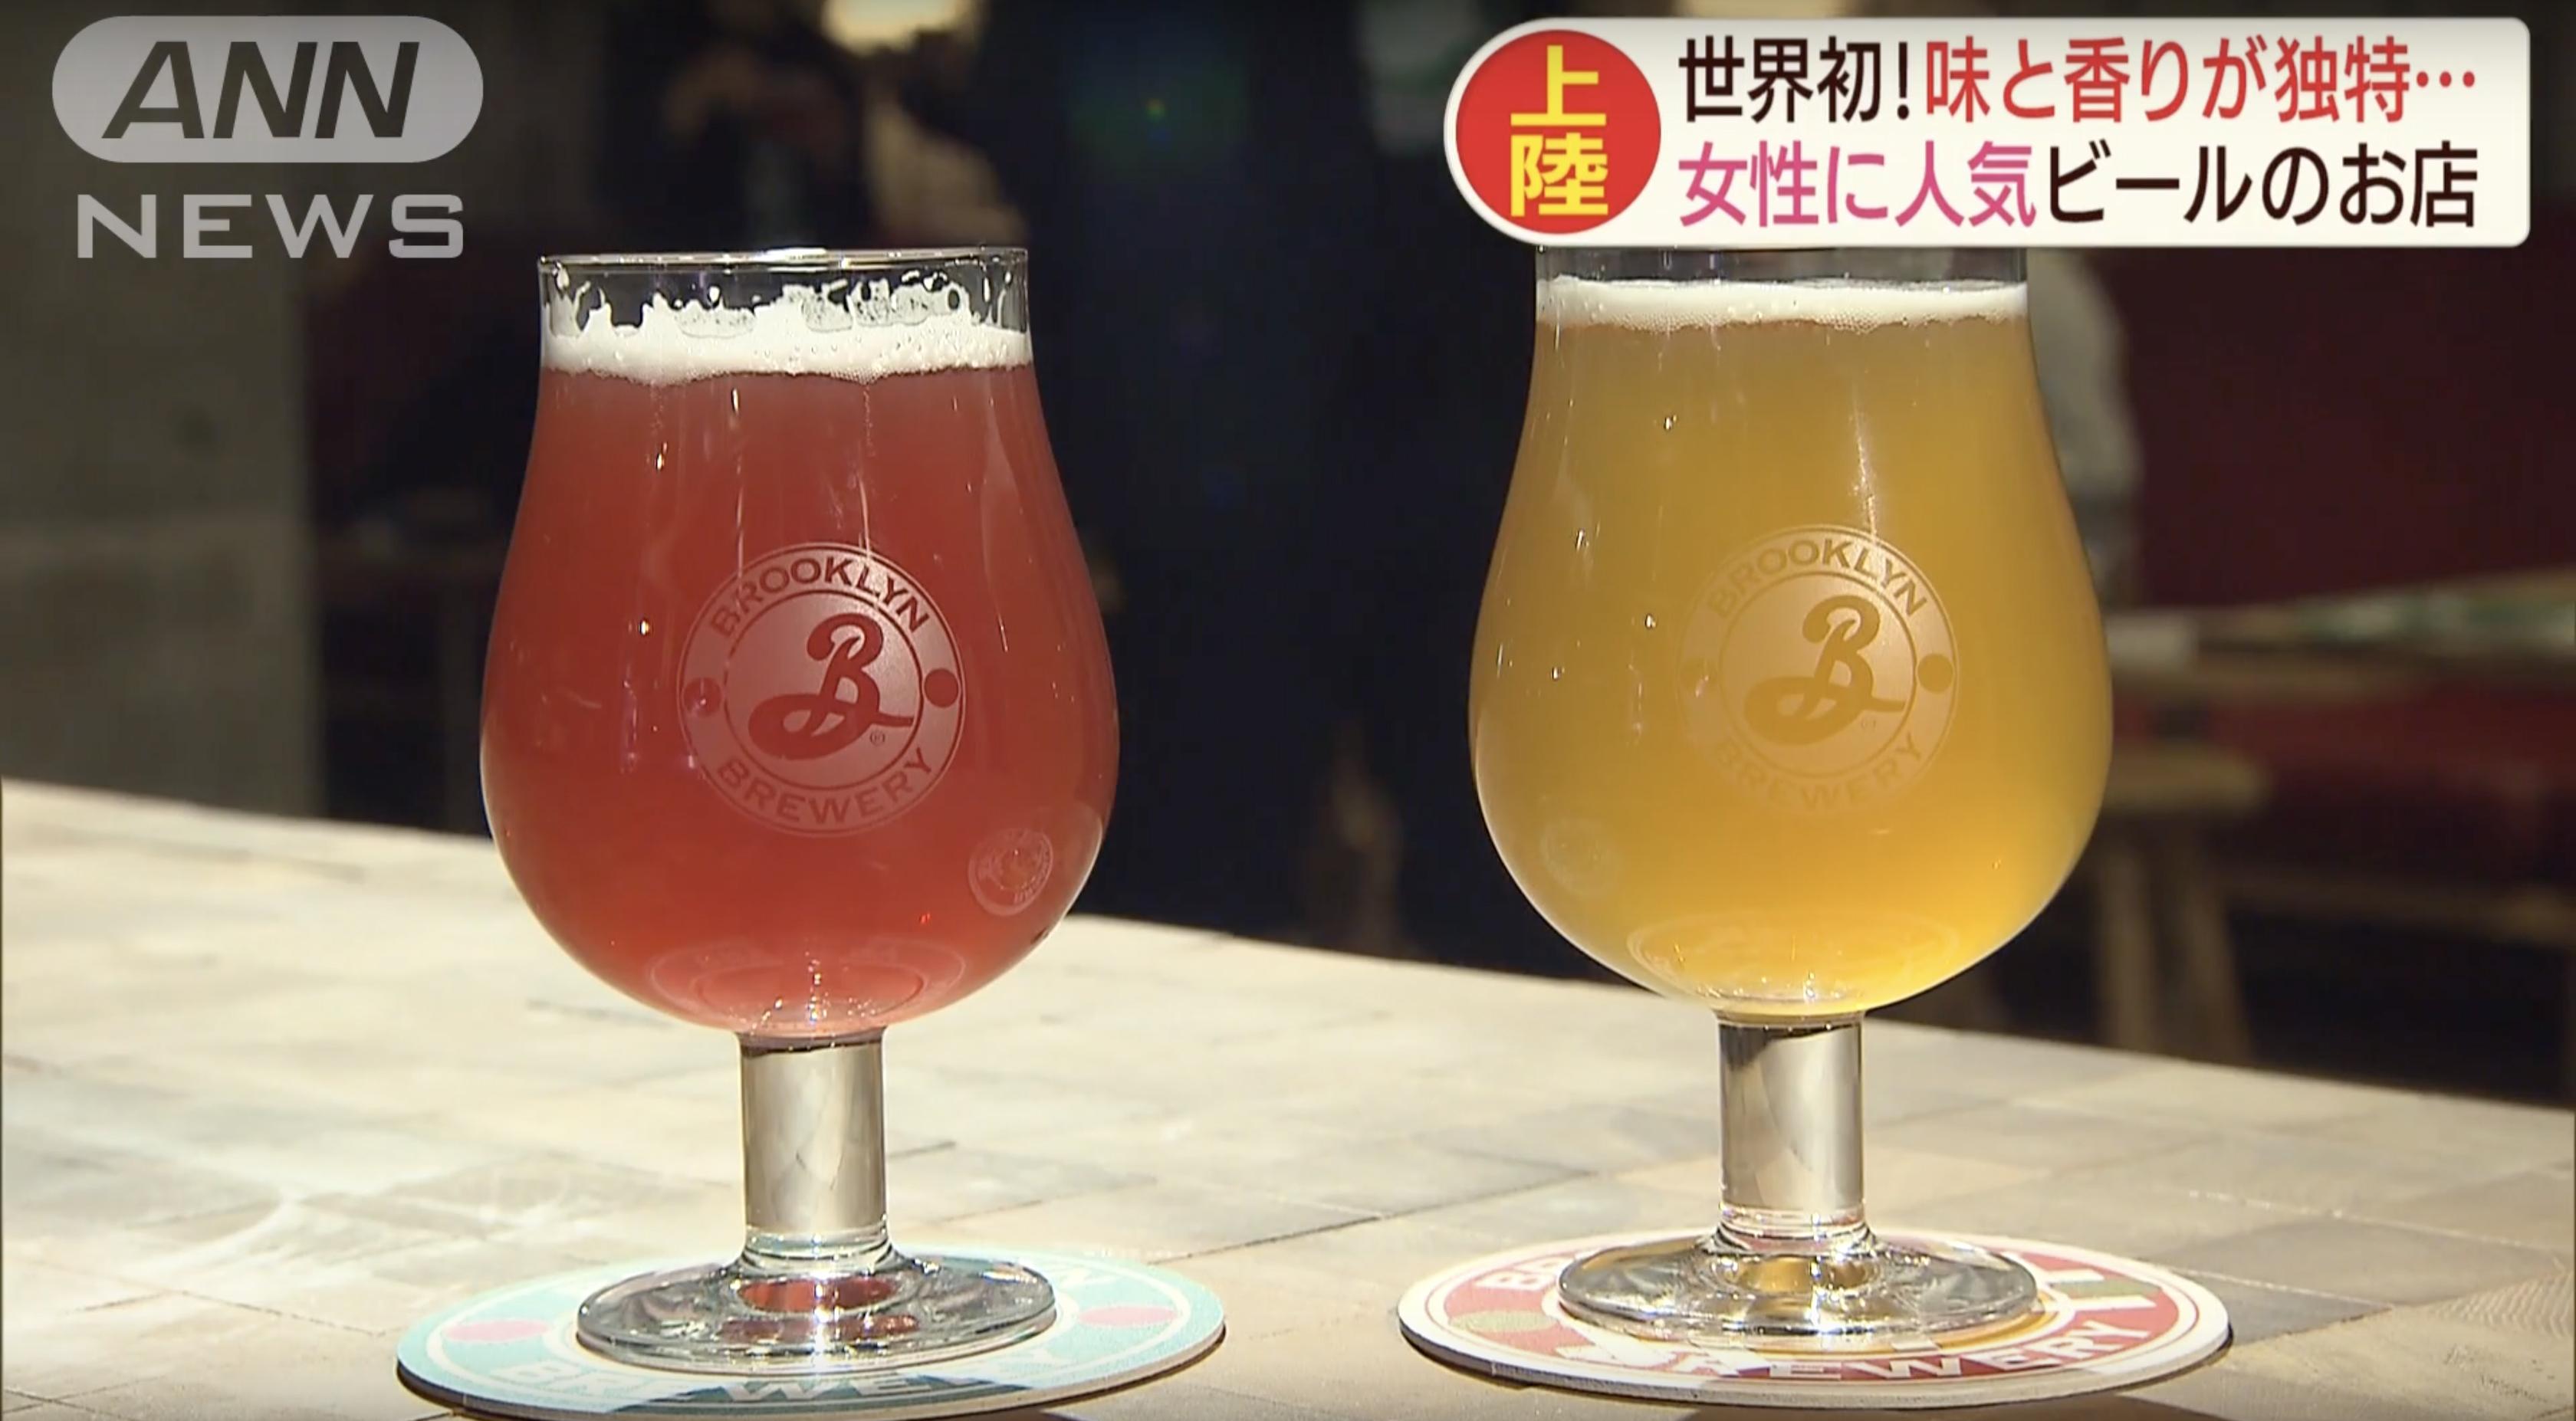 【女性にも大人気!クラフトビール】世界初のレストラン日本上陸